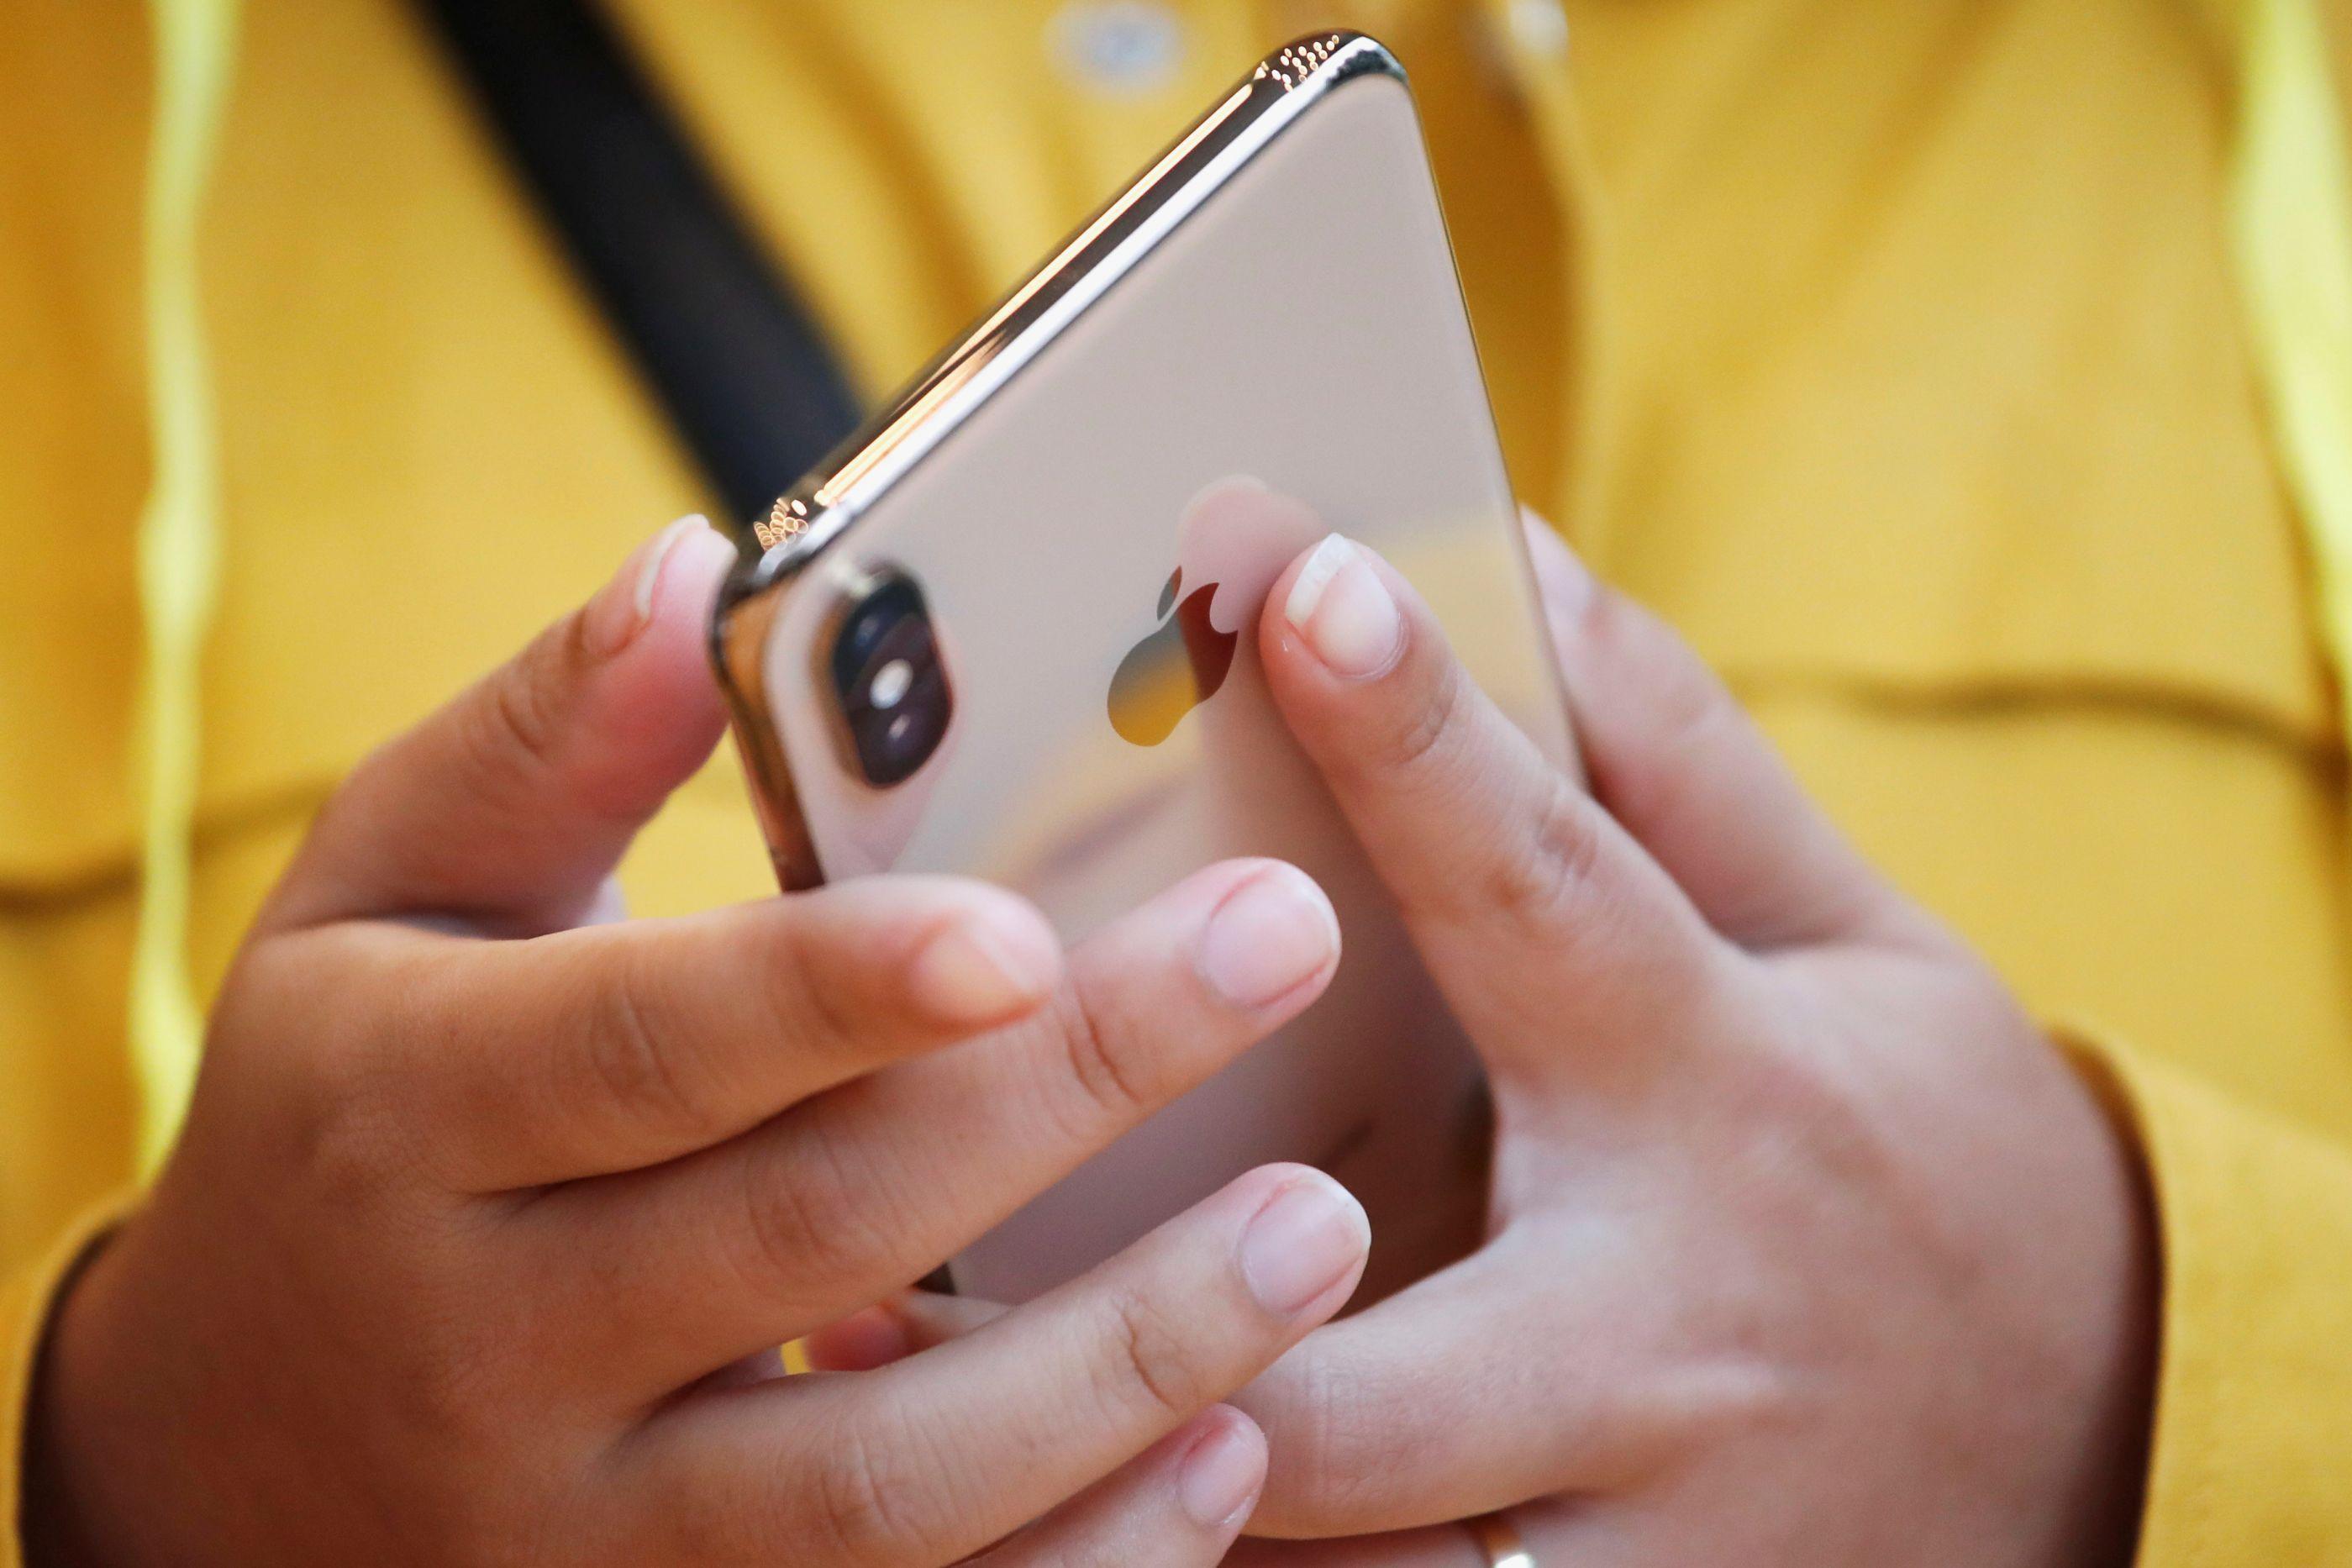 Problemas com a bateria do iPhone? Eis como pode resolver